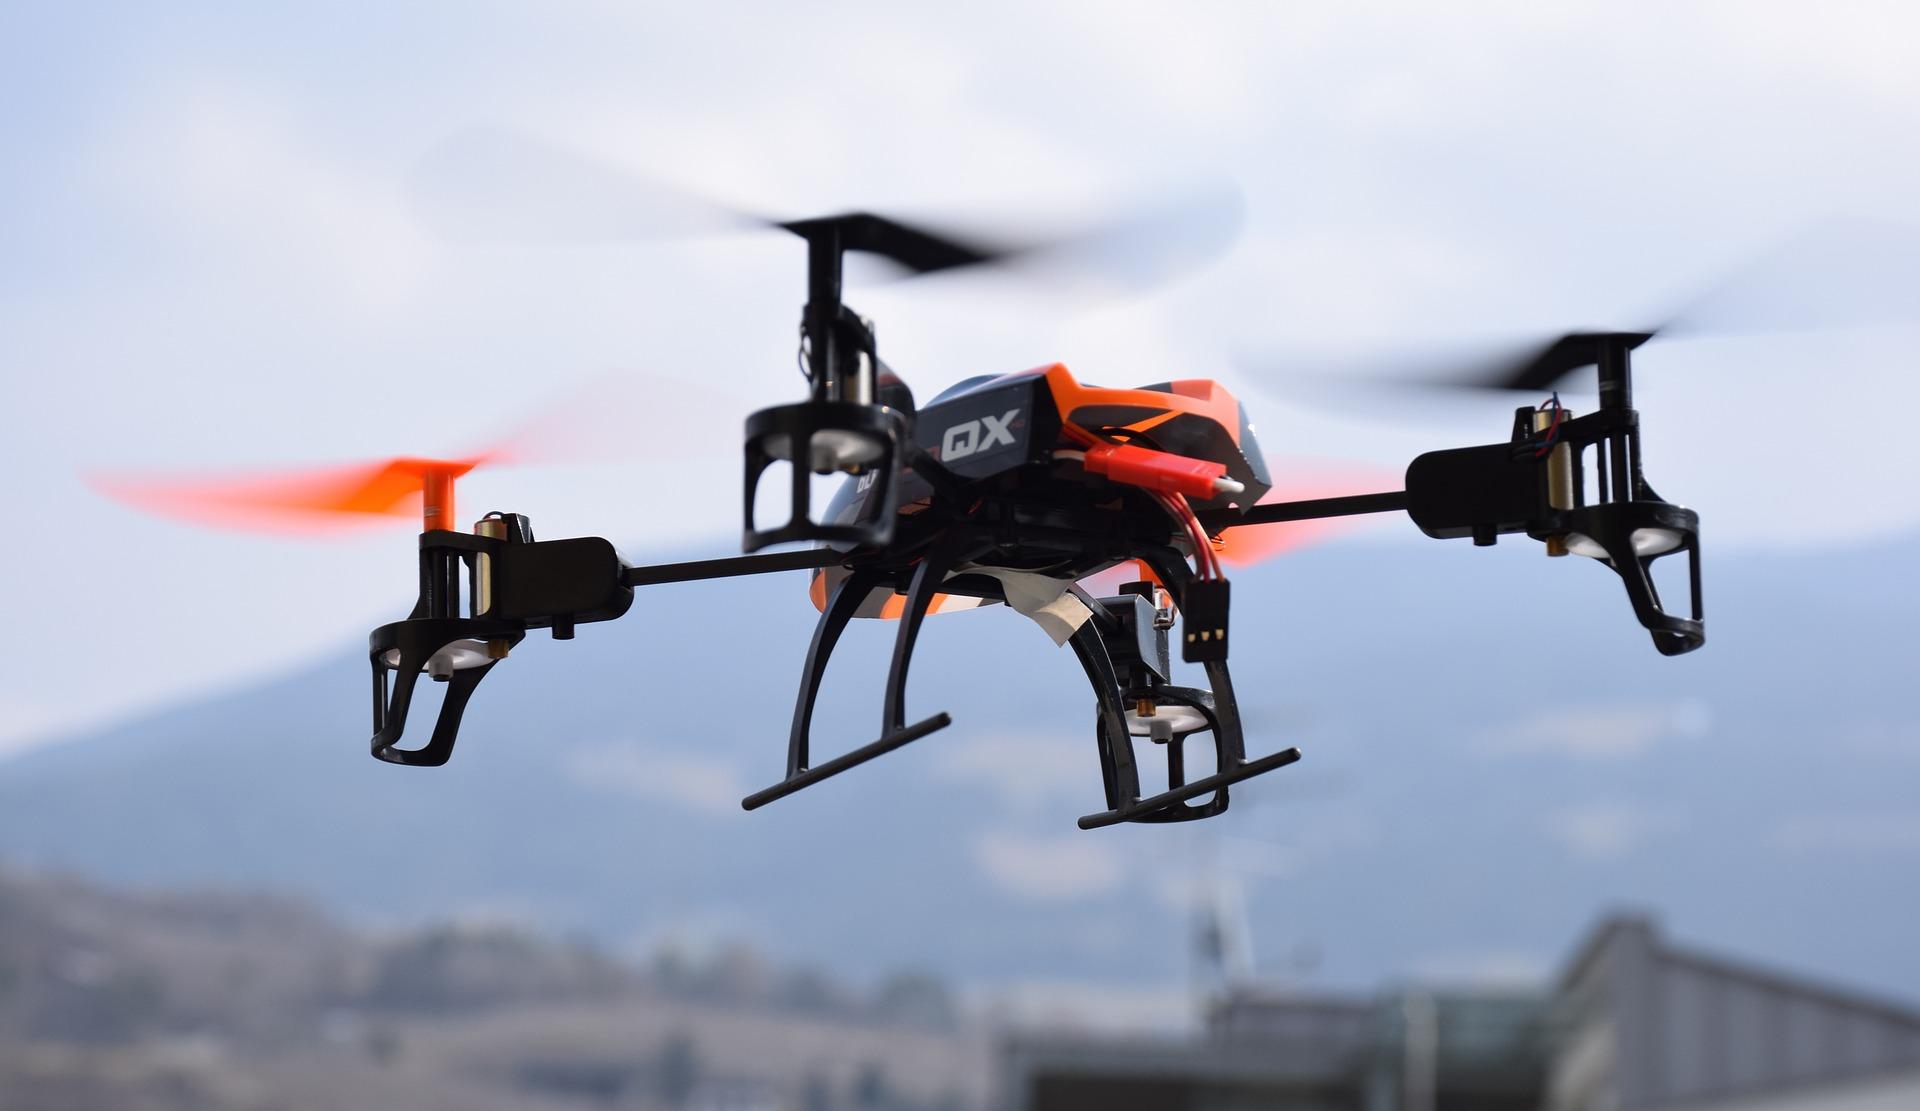 Что значит квадрокоптер заказать виртуальные очки для бпла в шахты